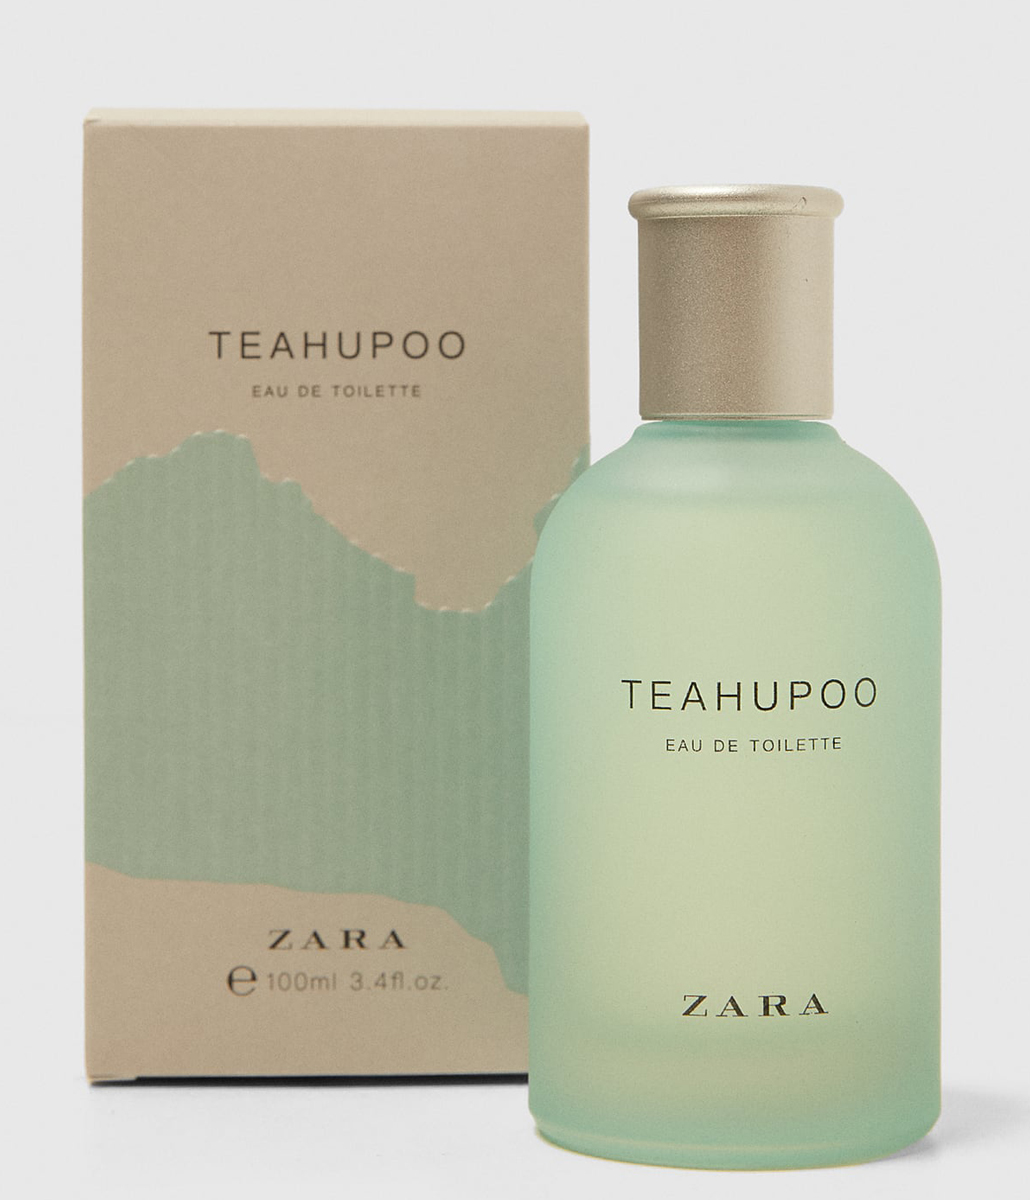 Un Parfum Nouveau Cologne Pour Zara Homme 2018 Teahupoo 0mnyNwOv8